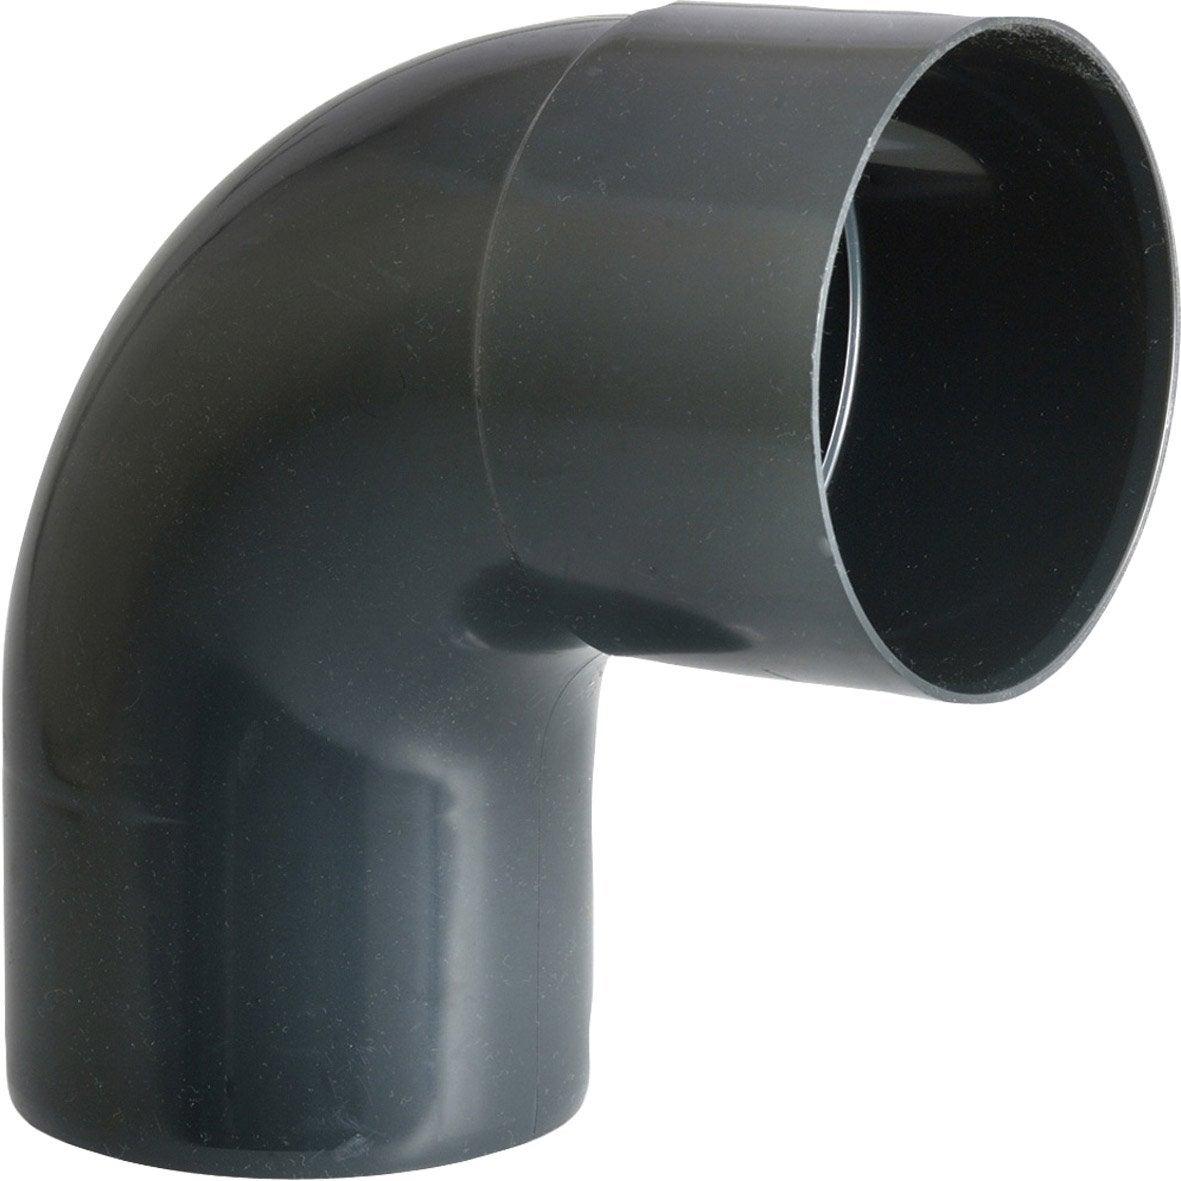 Comment Coller De L Ardoise coude 87.3° à coller pvc ardoise girpi, dév.16 cm diam.50 mm